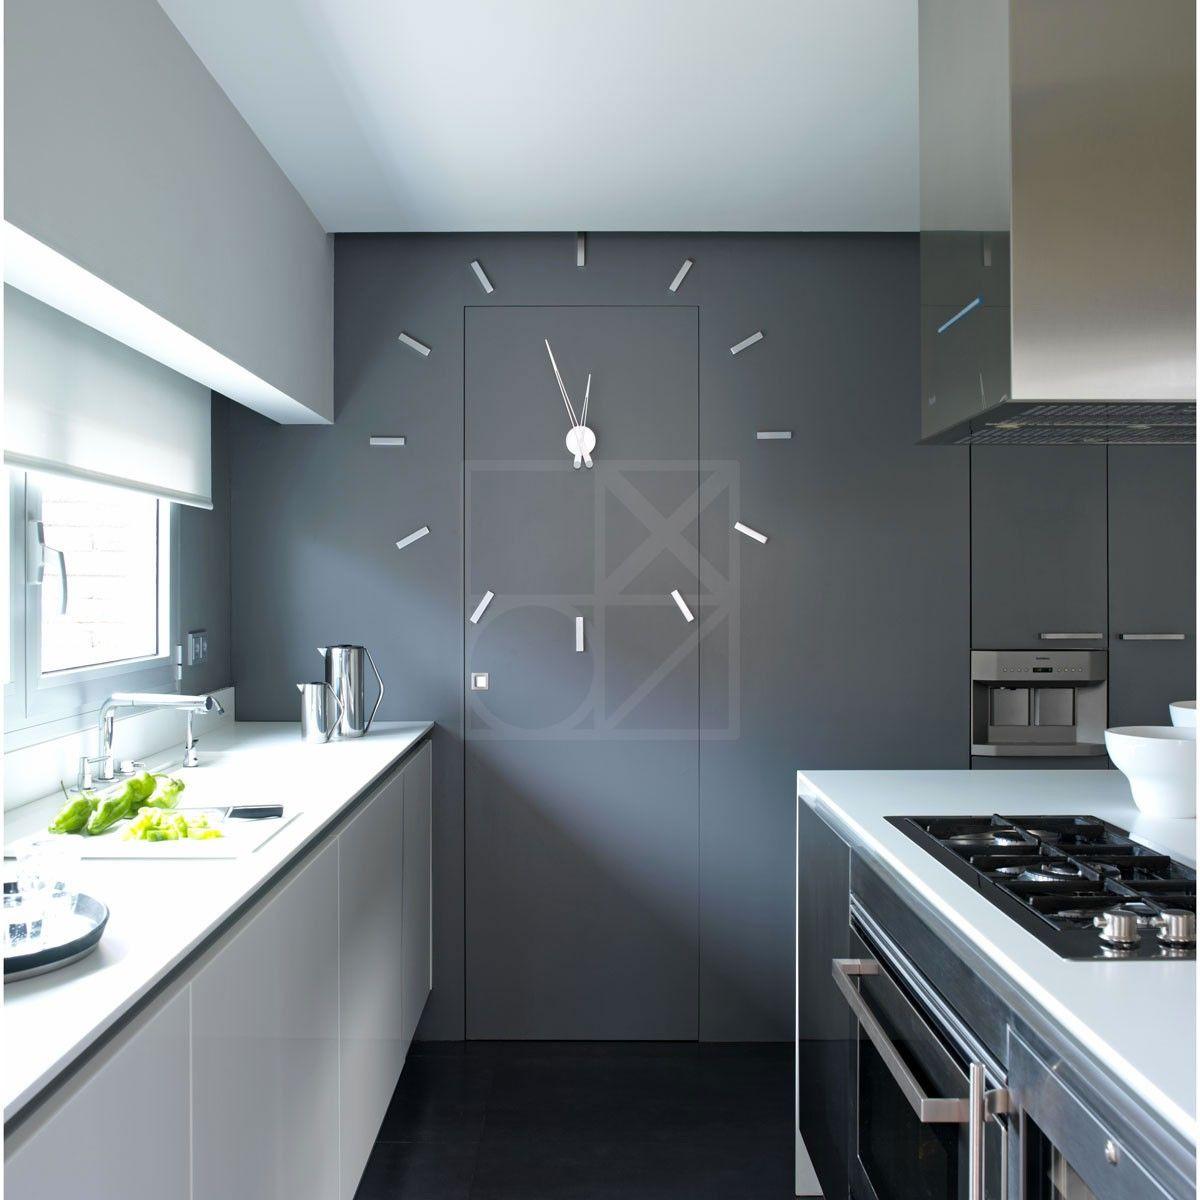 Horloge murale design horloge nomon tacon 12 quelle - Horloge murale contemporaine ...